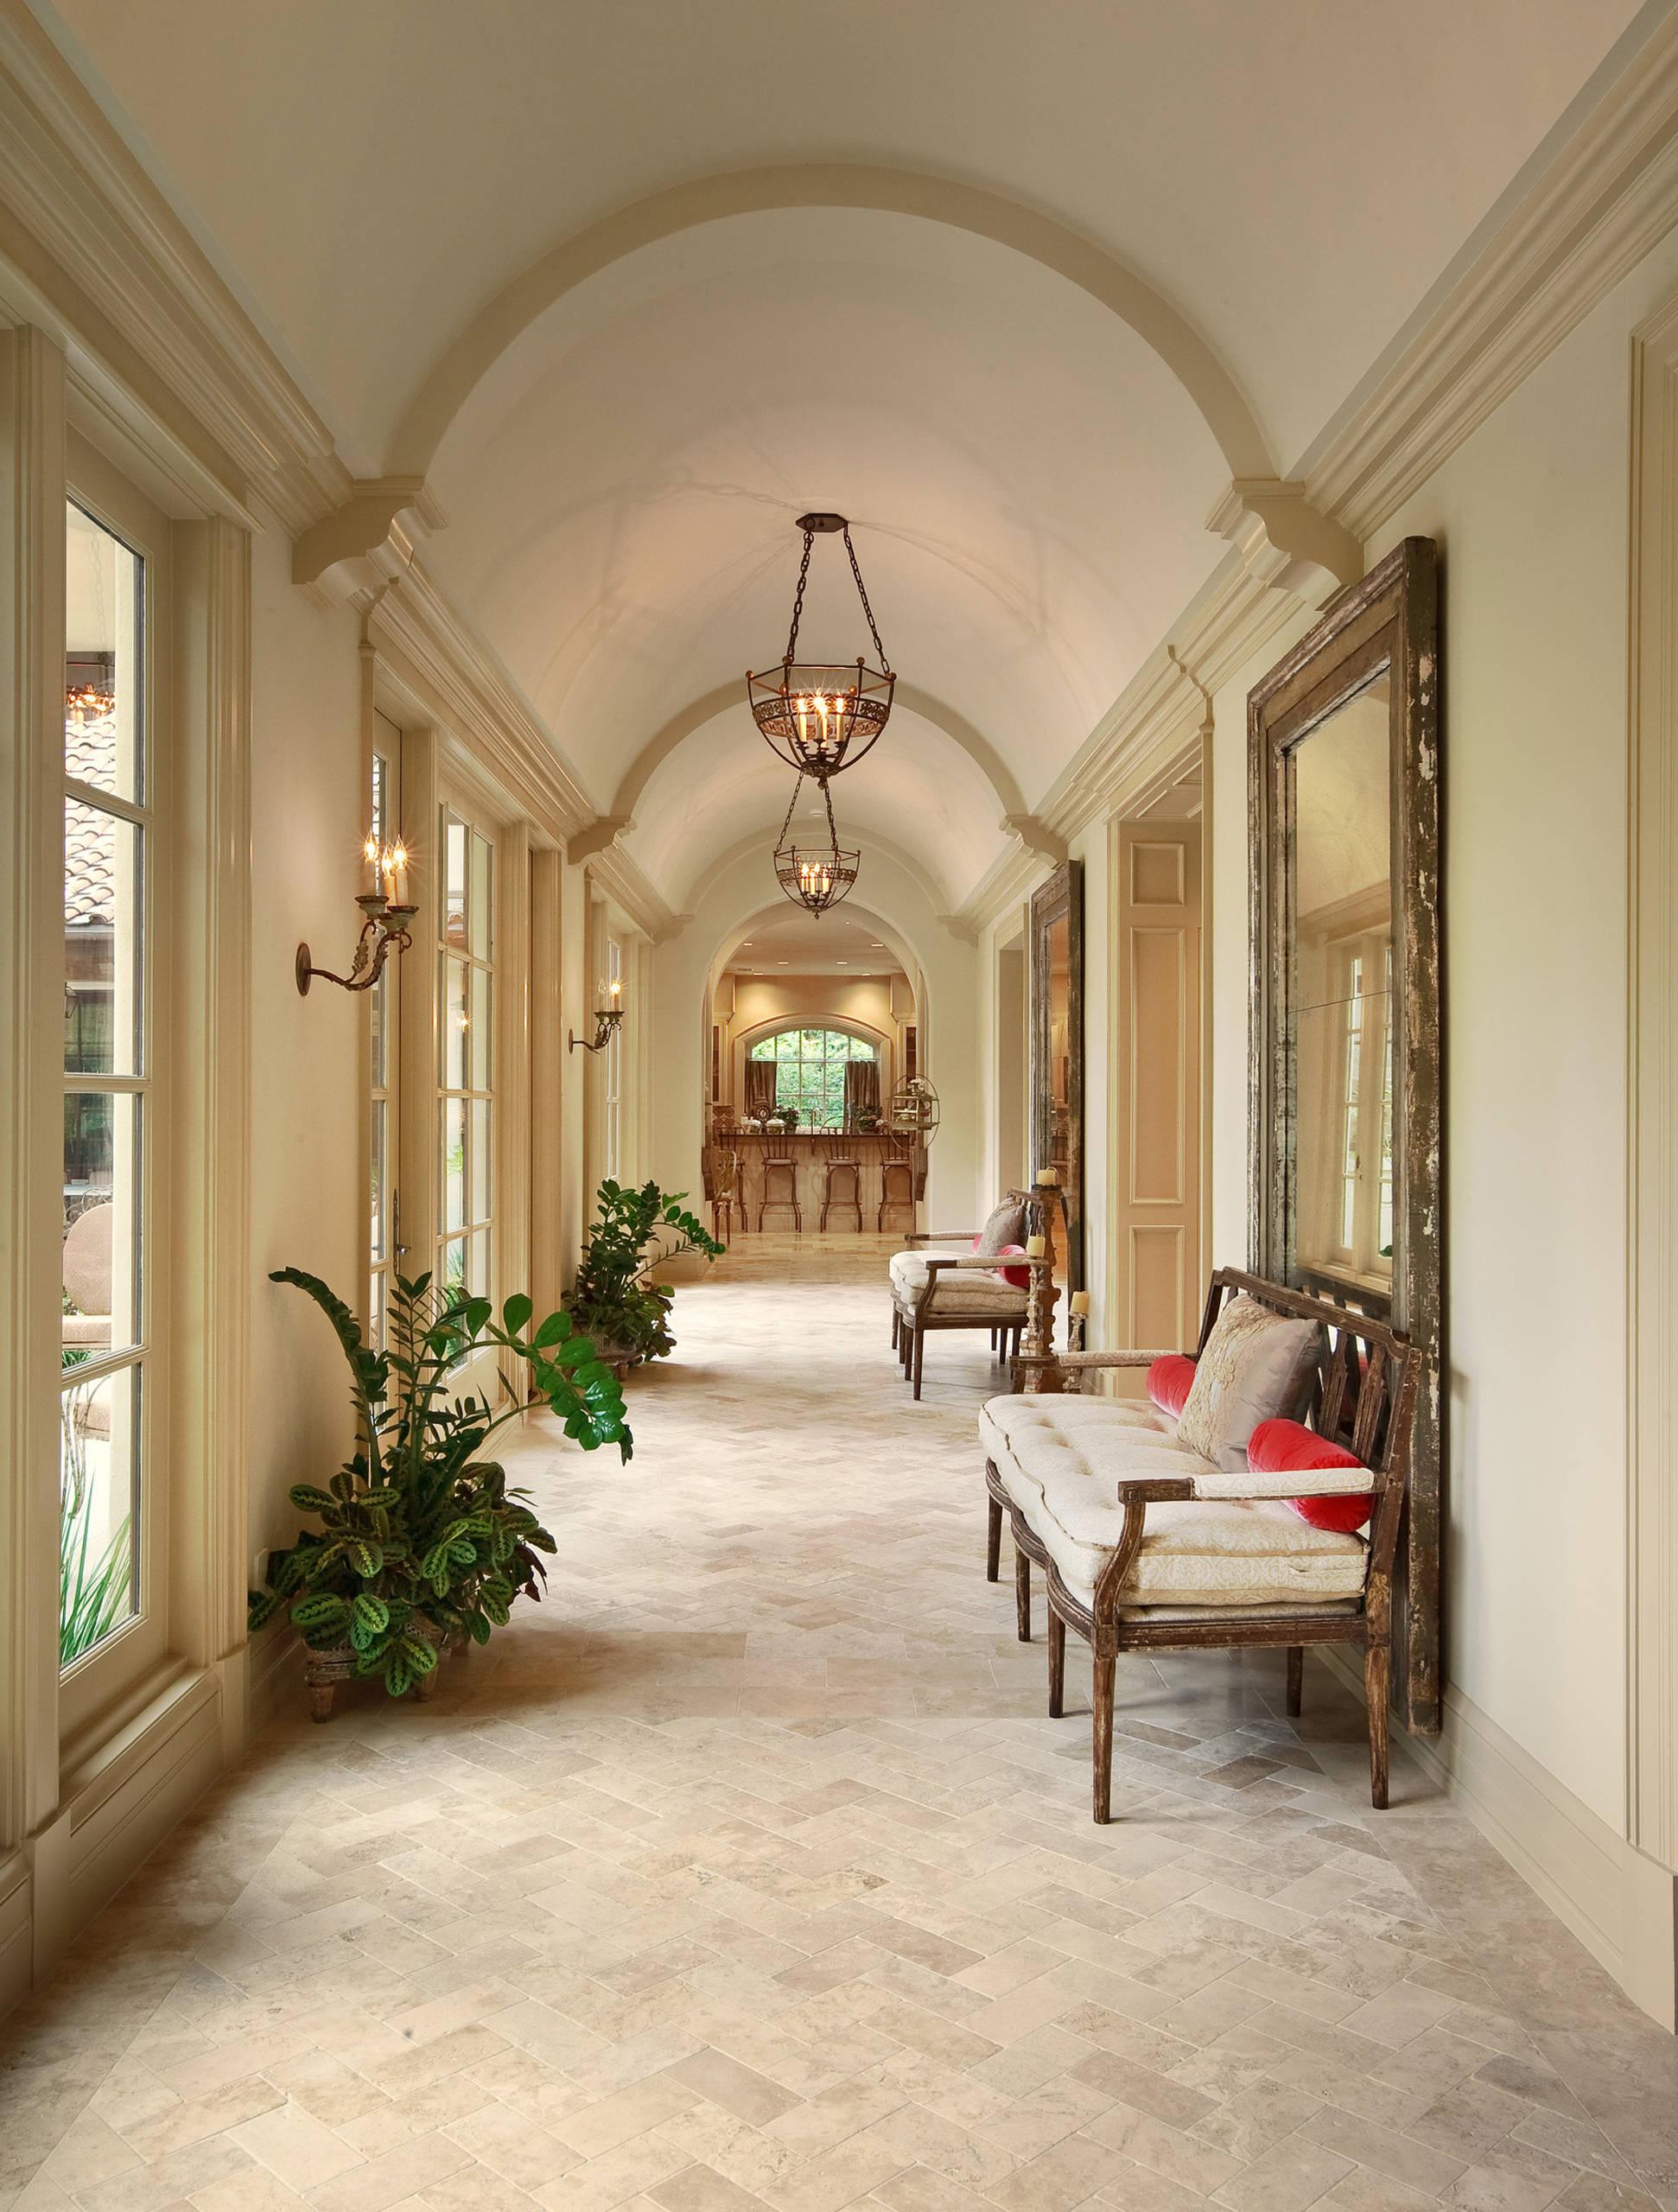 Интерьер коридора со сводчатым потолком